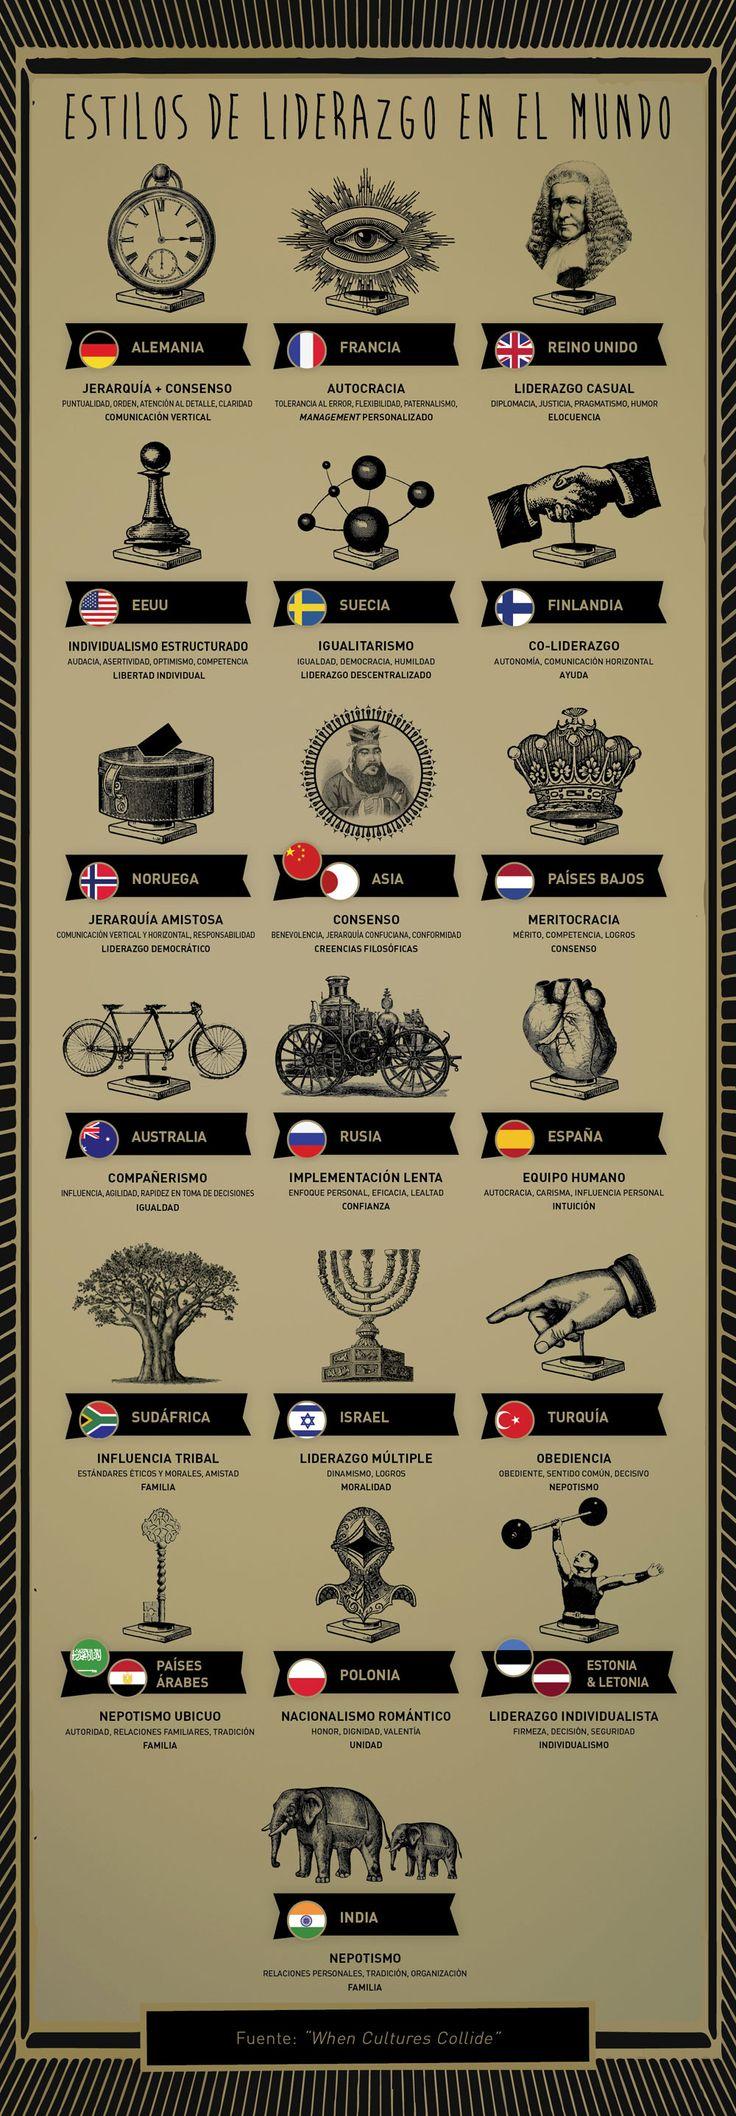 """20 estilos de liderazgo en el Mundo Fuente: """"When Cultures Collide"""" #infografia #infographic"""